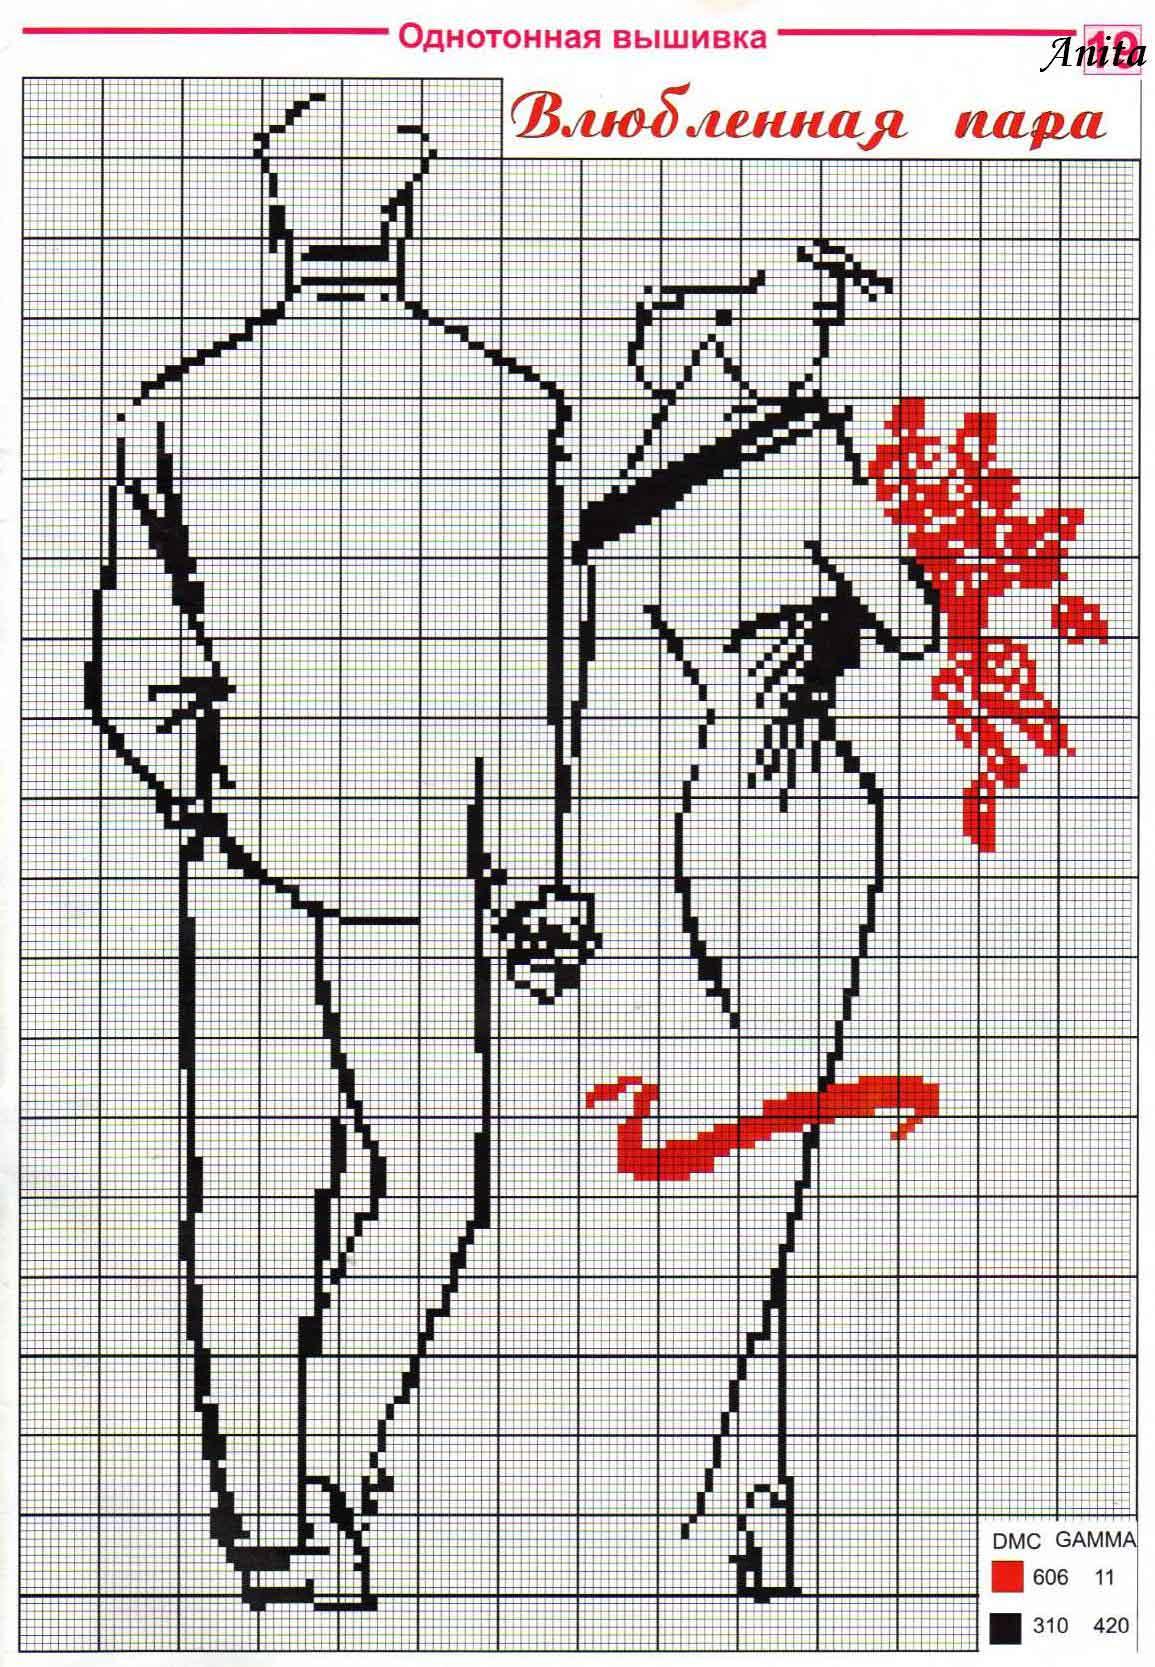 Скачать схему вышивки крестом влюбленных пар